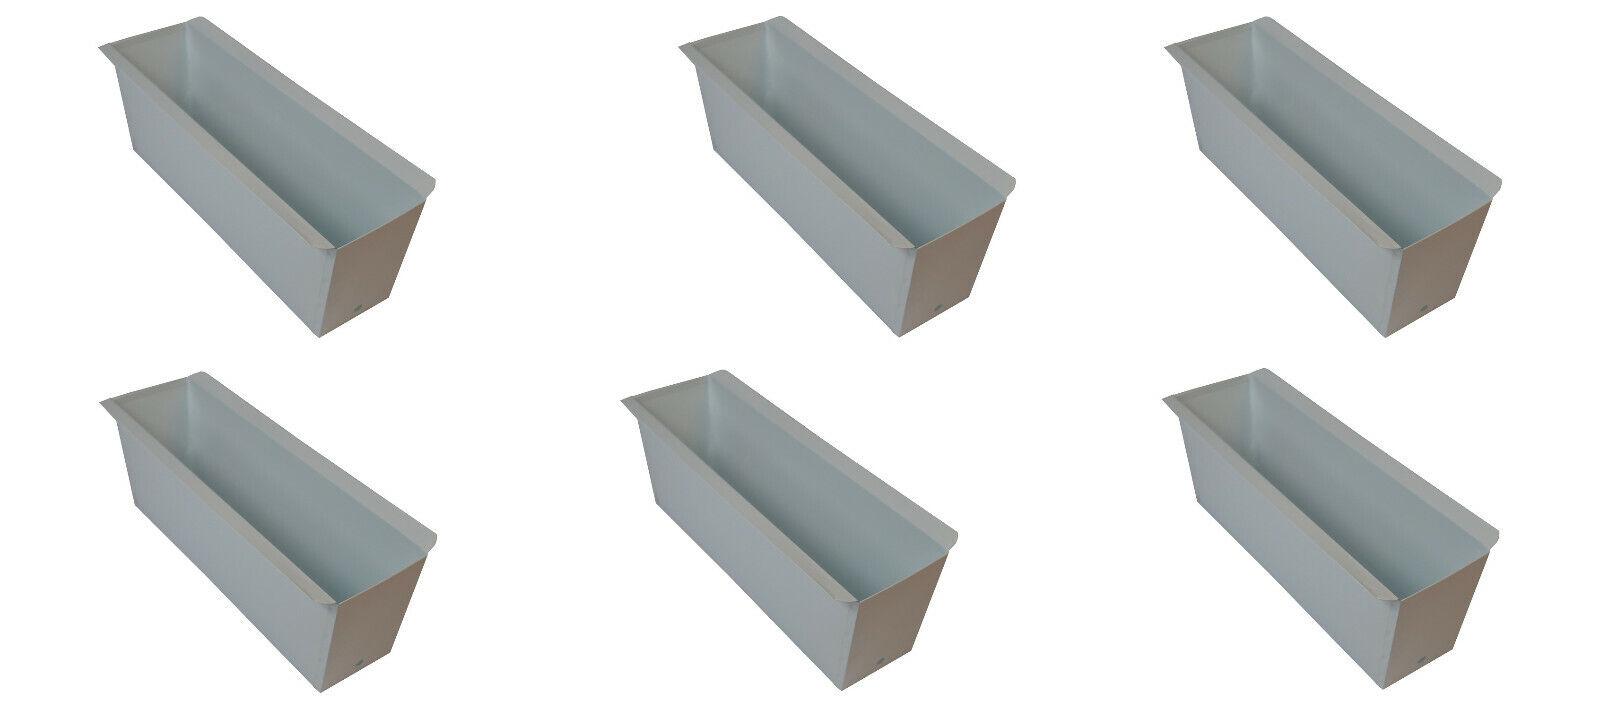 9X Weiss Blaumenkasten Balkonkasten Einsatz für Europalette Pflanzkasten Blaumen